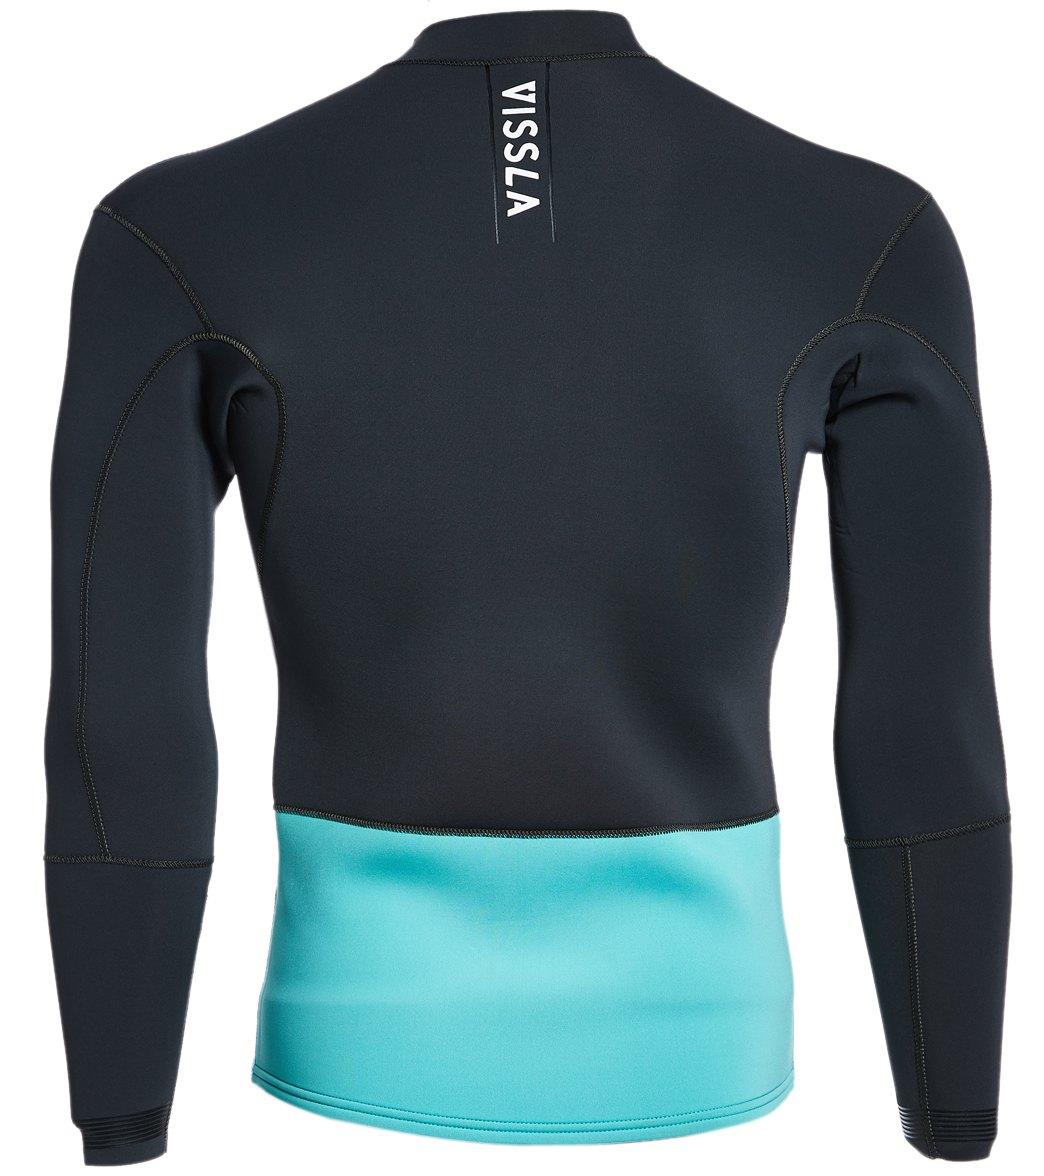 Vissla Men's 2MM Front Zip Wetsuit Jacket